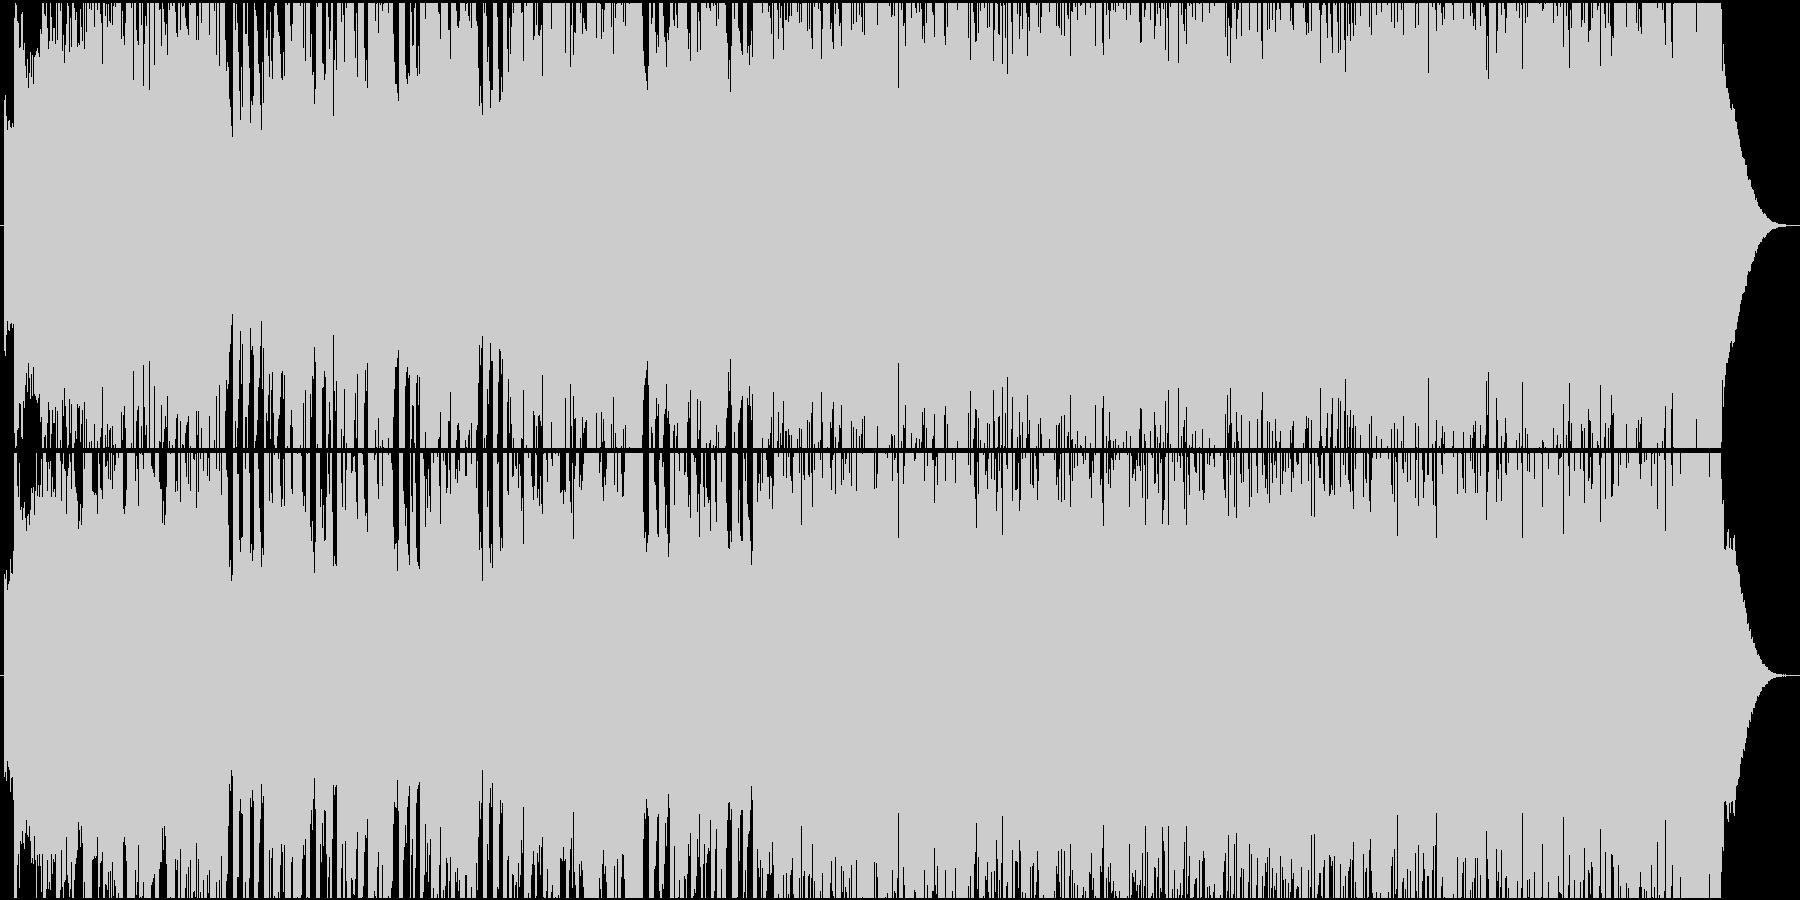 メタル風のワイルドなロックの未再生の波形